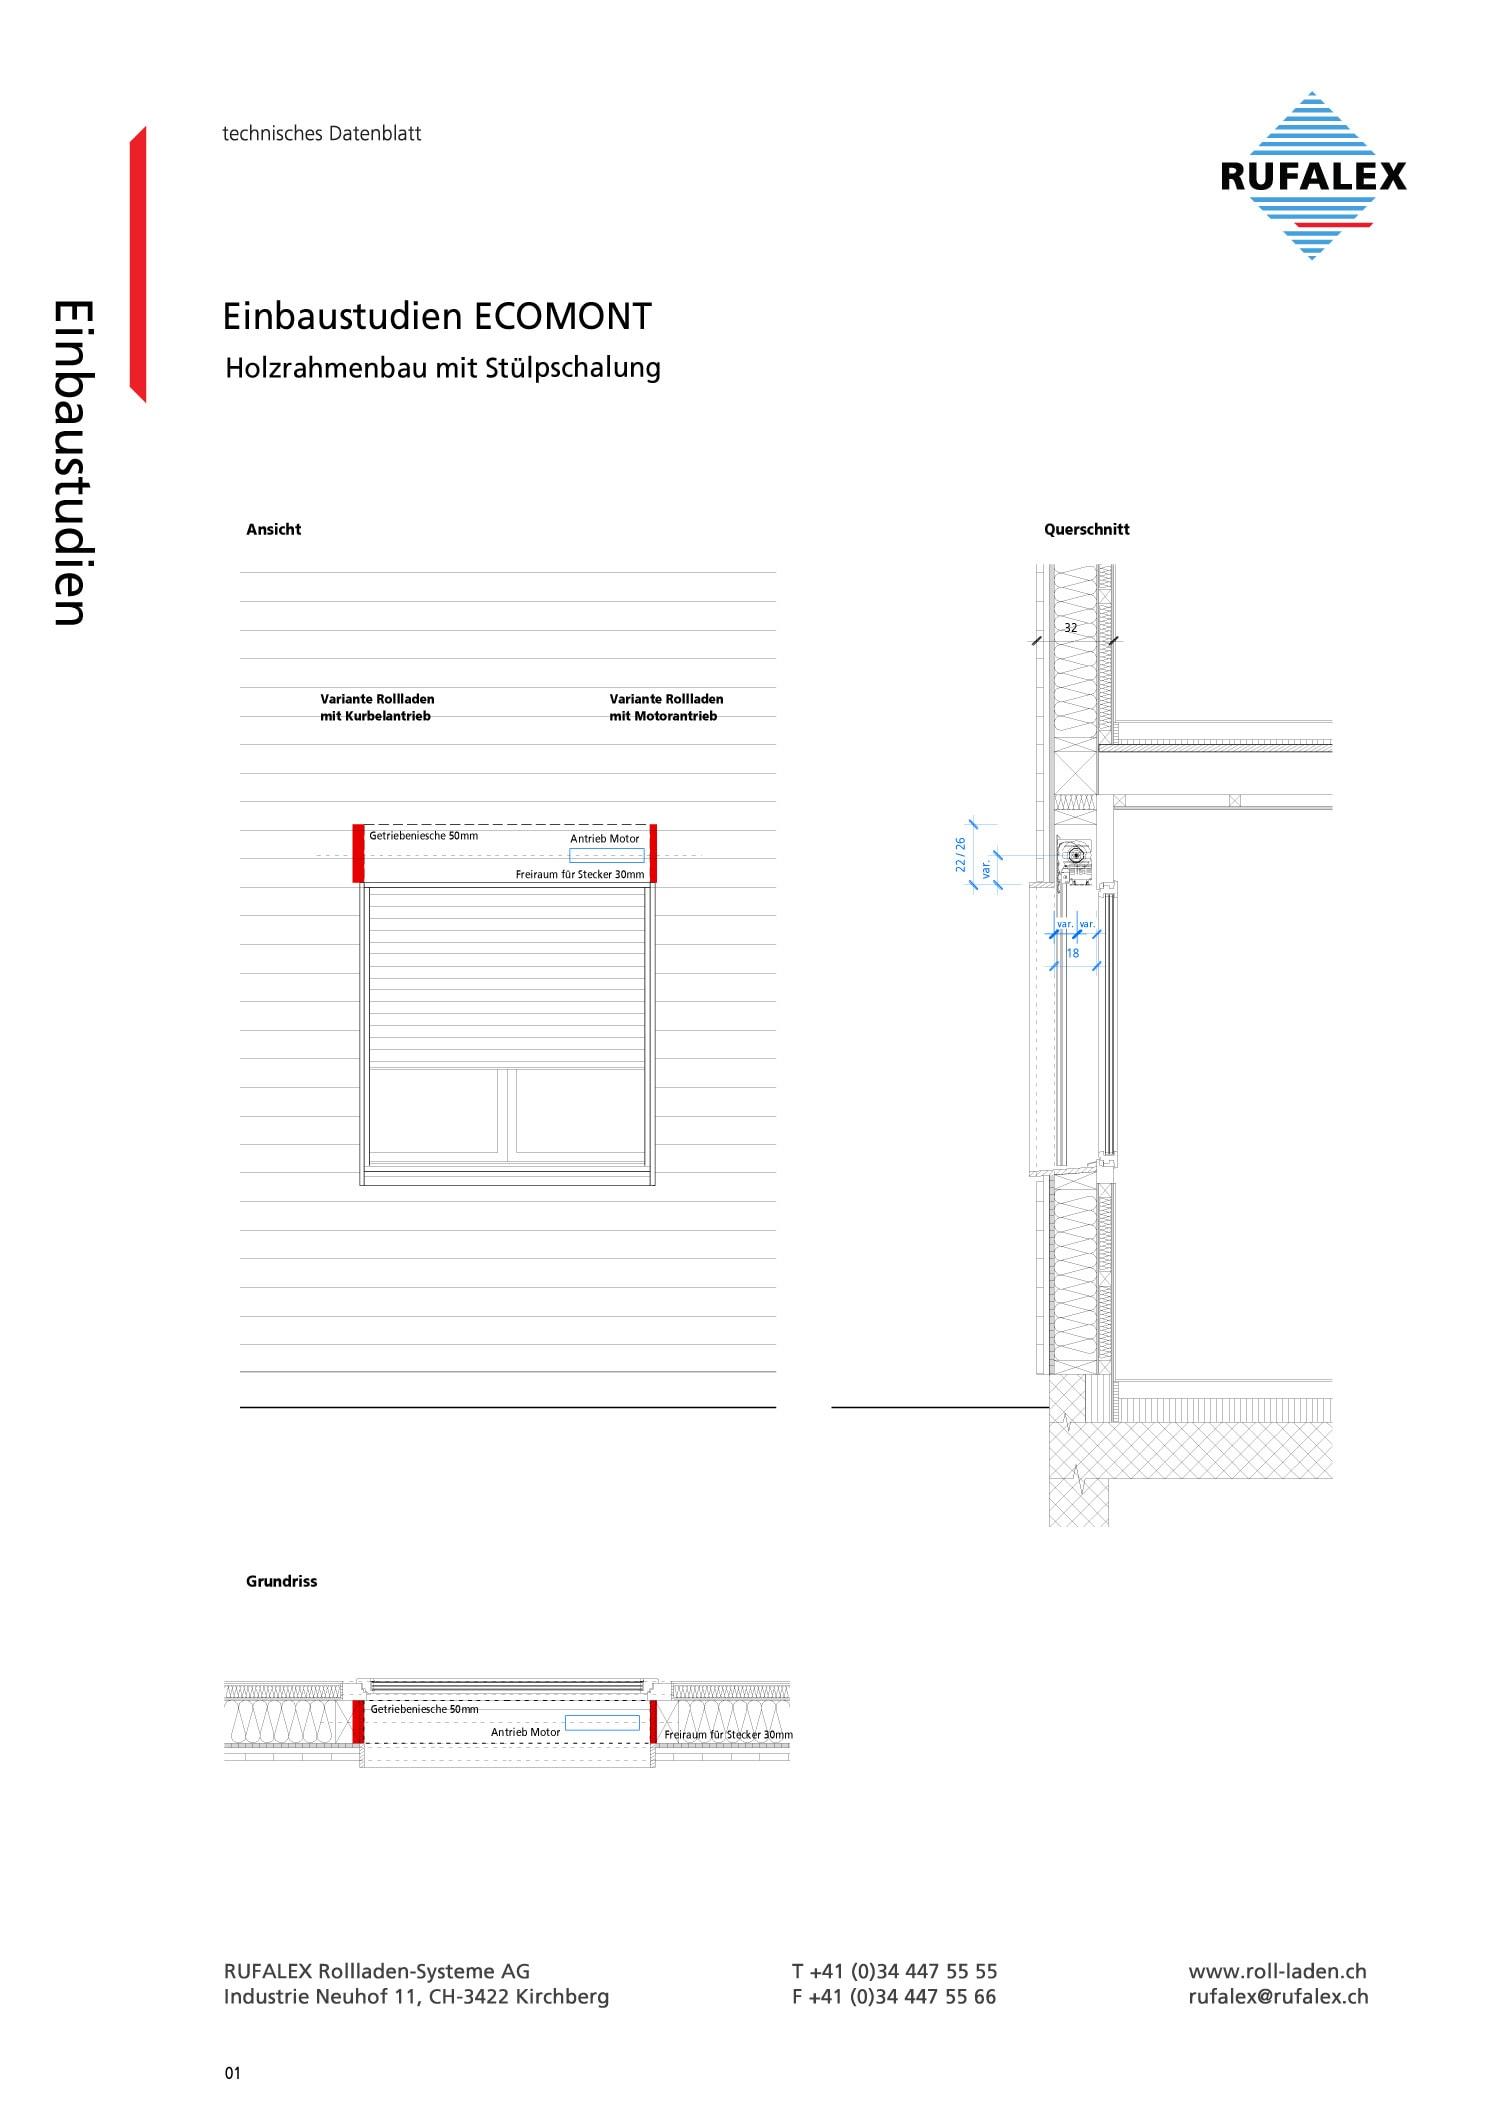 ECOMONT Holzrahmenbau mit Stülpschalung | RUFALEX Rollladen-Systeme AG